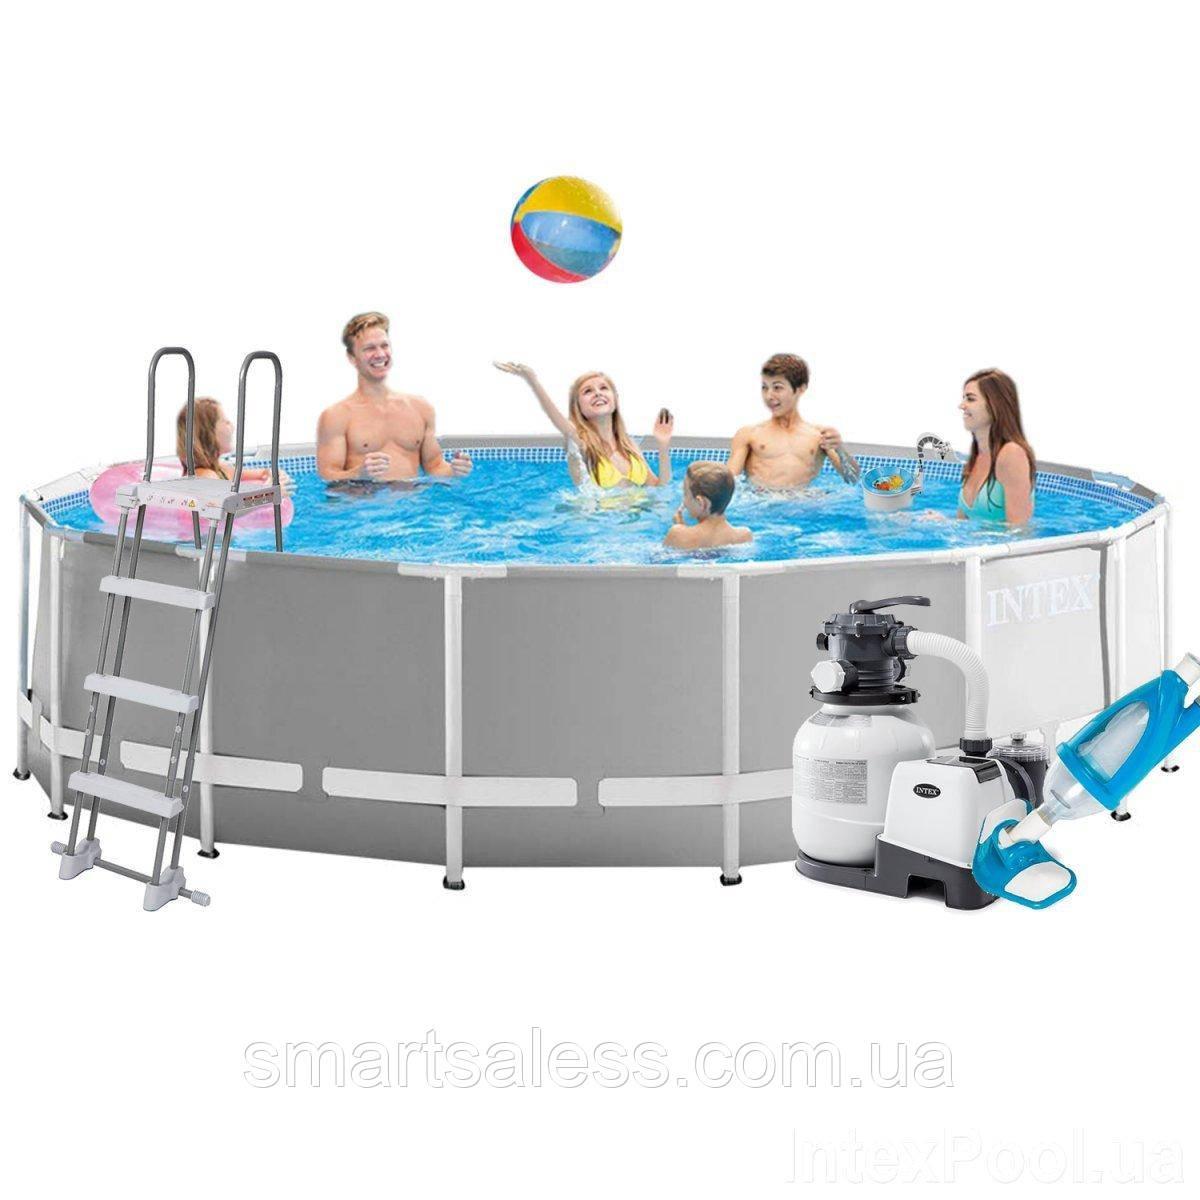 Каркасный бассейн Intex 26726 - 7, 457 x 122 см (6 000 л/ч, лестница, тент, подстилка, набор для ухода)